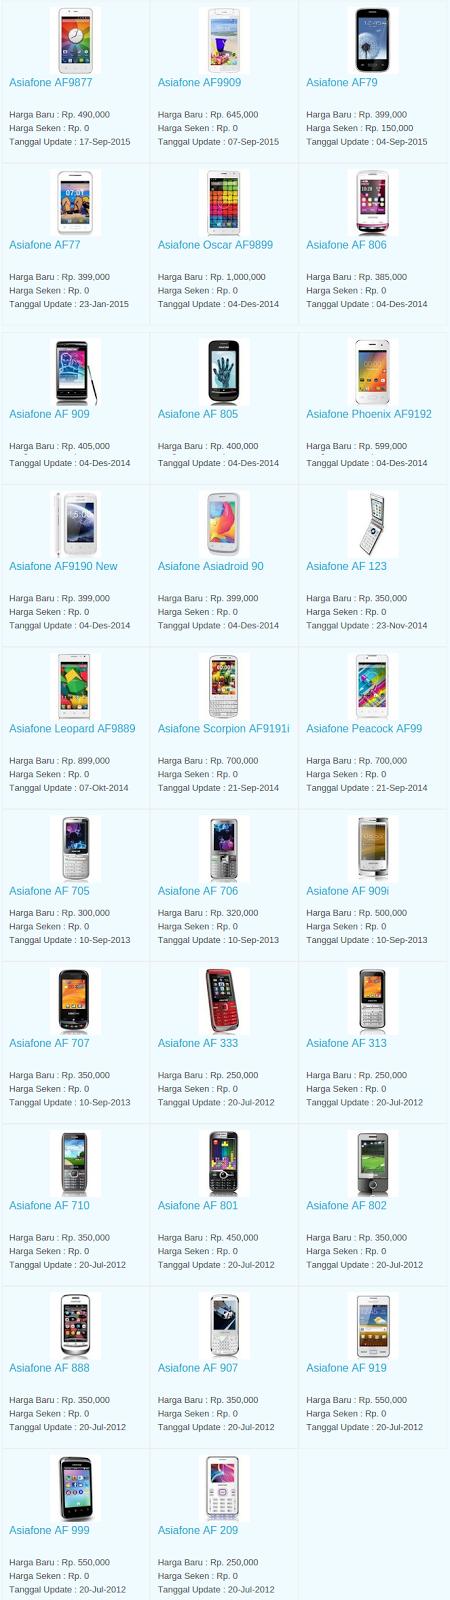 Daftar Terbaru Harga Hp Asiafone Oktober 2015